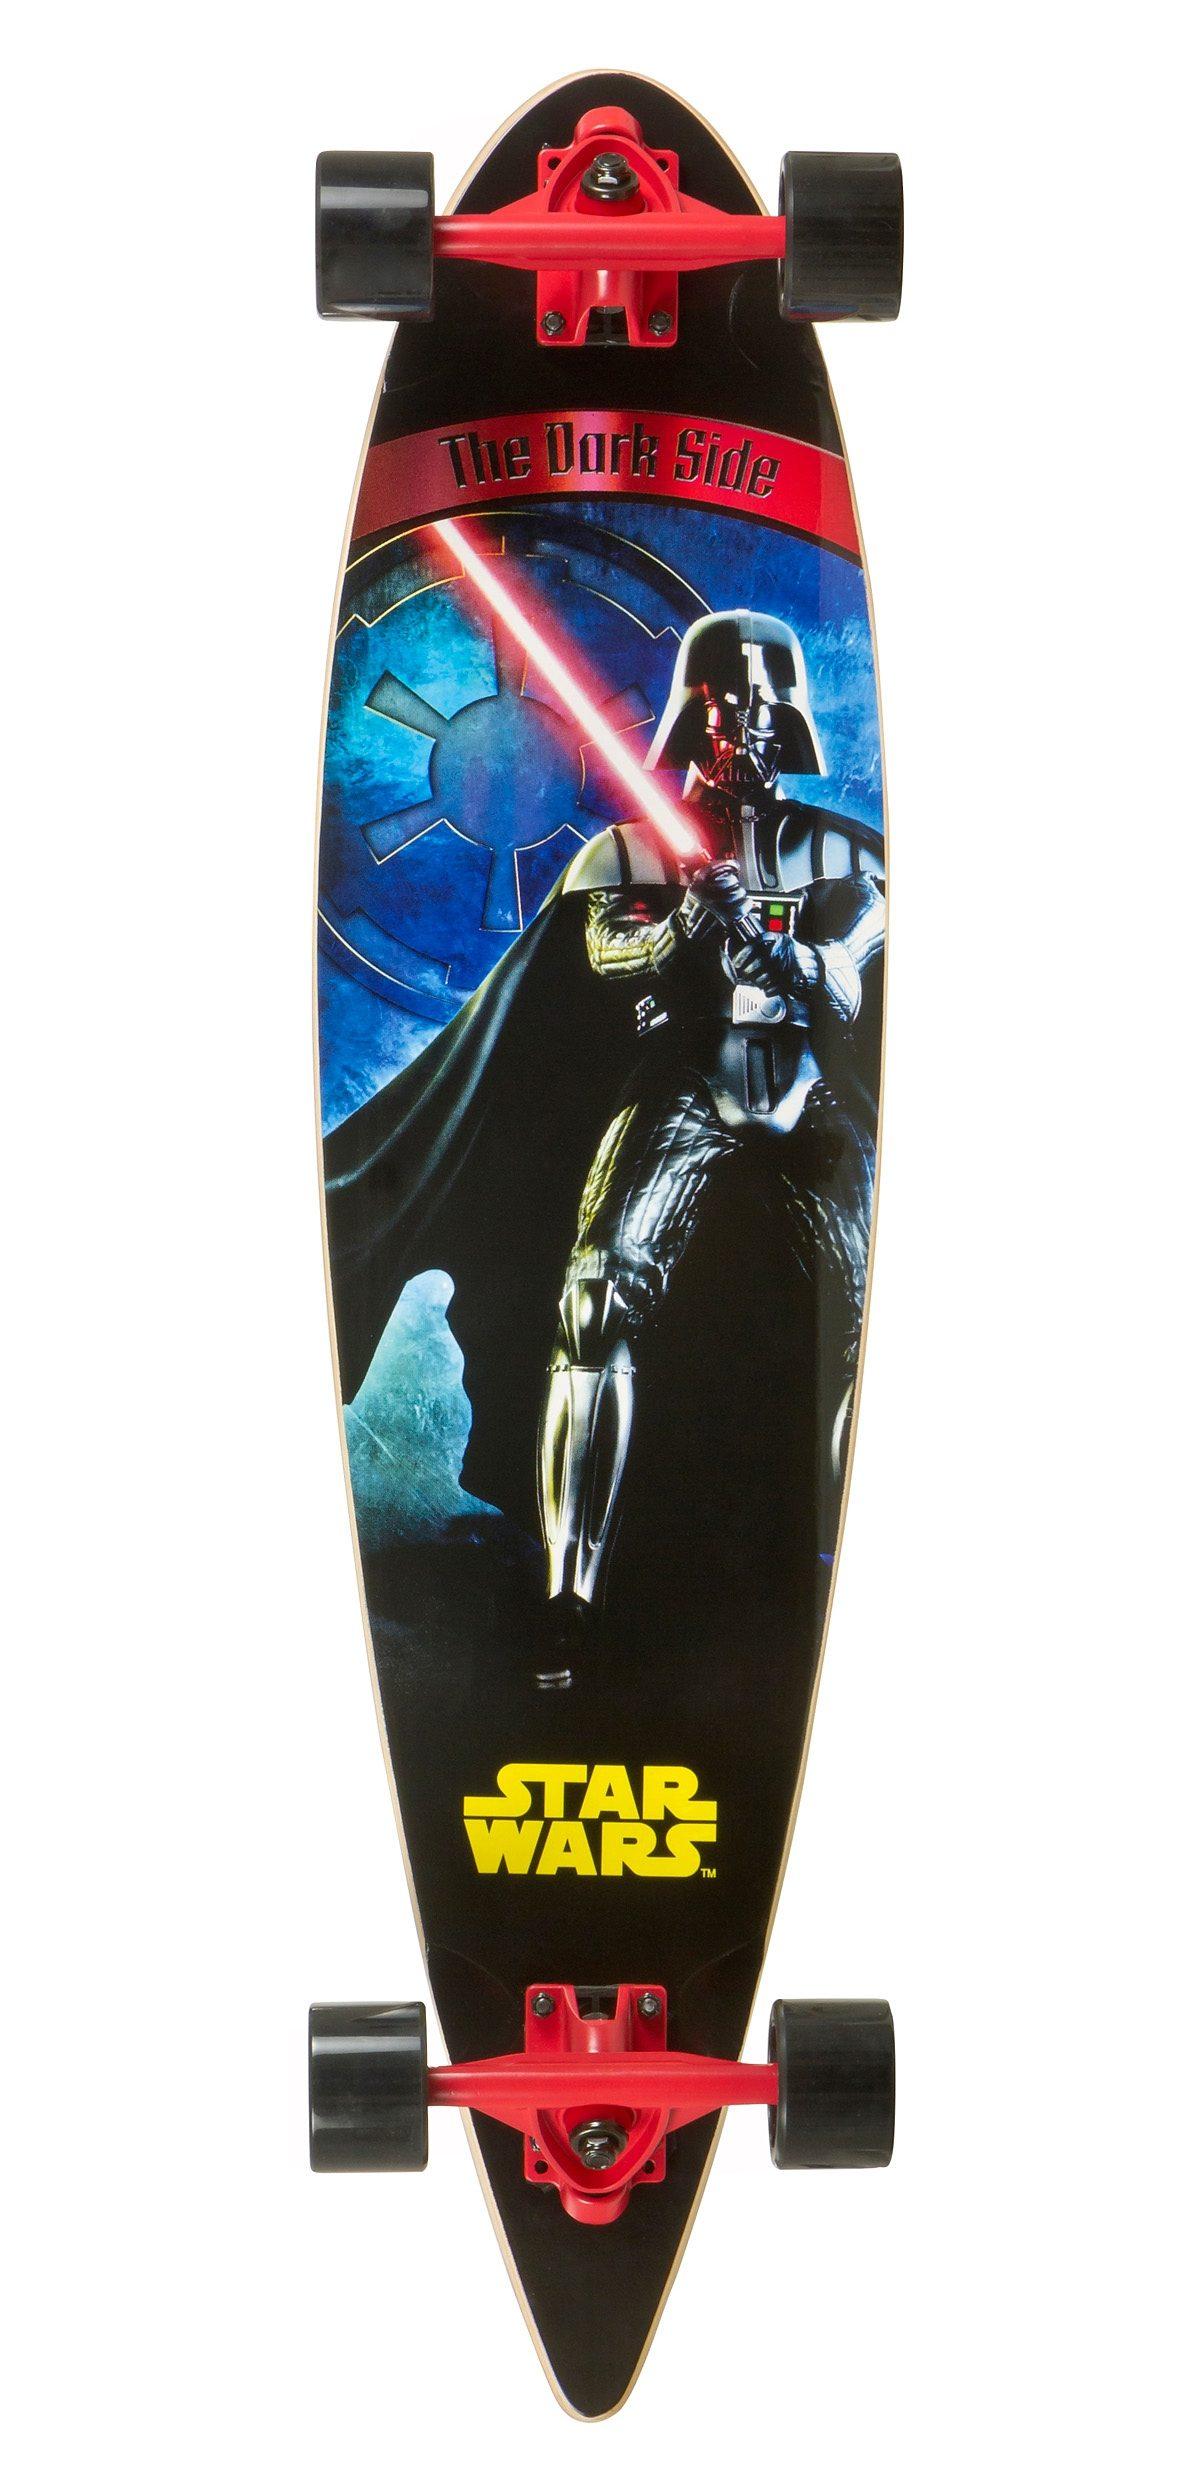 Star Wars Longboard, »The Dark Side«